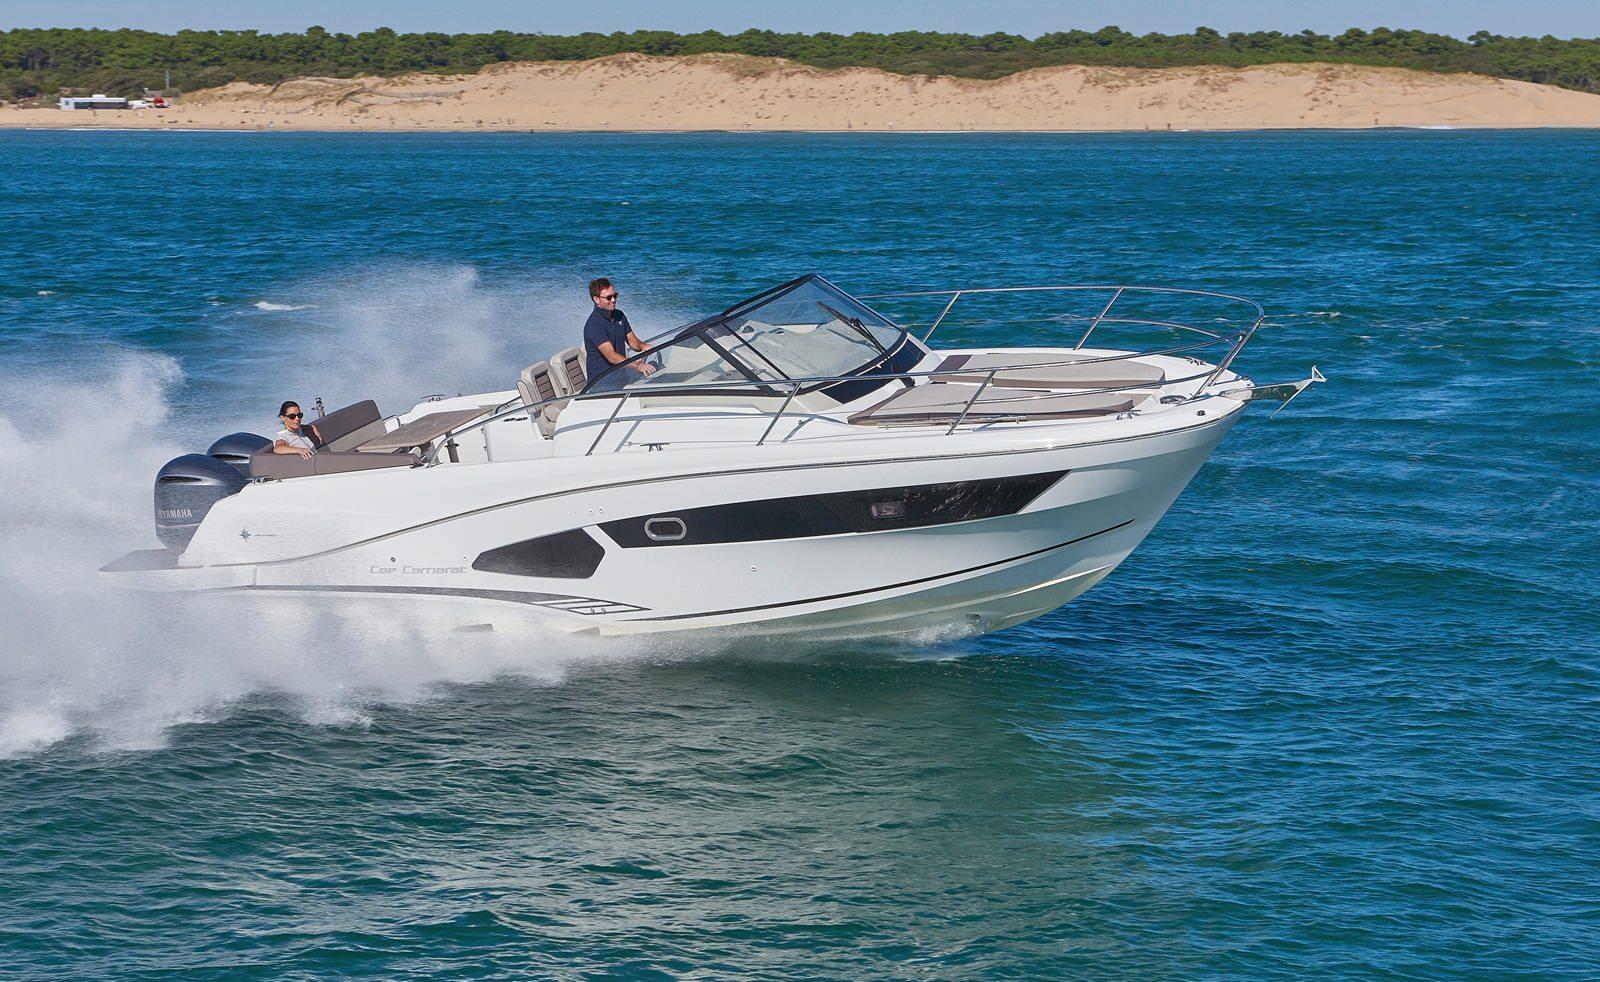 סירת מנוע JEANNEAU CAP CAMARAT 10.5WA - סירת מנוע JEANNEAU CAP CAMARAT 10.5WA - סטרים יאכטות